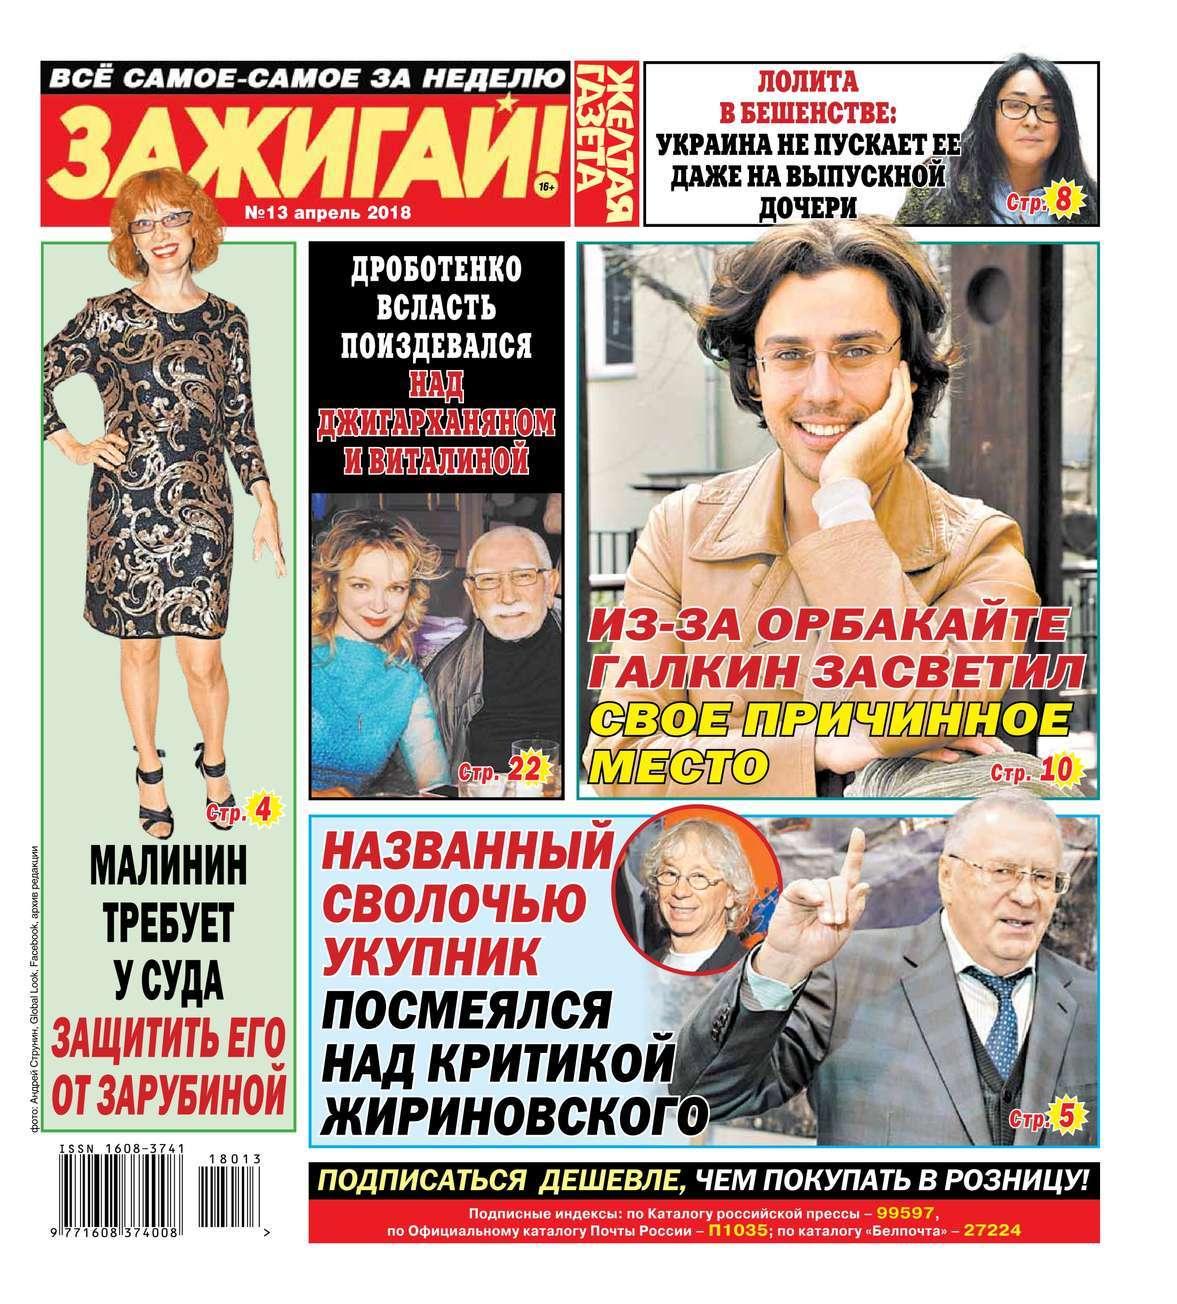 Редакция газеты Желтая газета. Желтая Газета. Зажигай! 13-2018